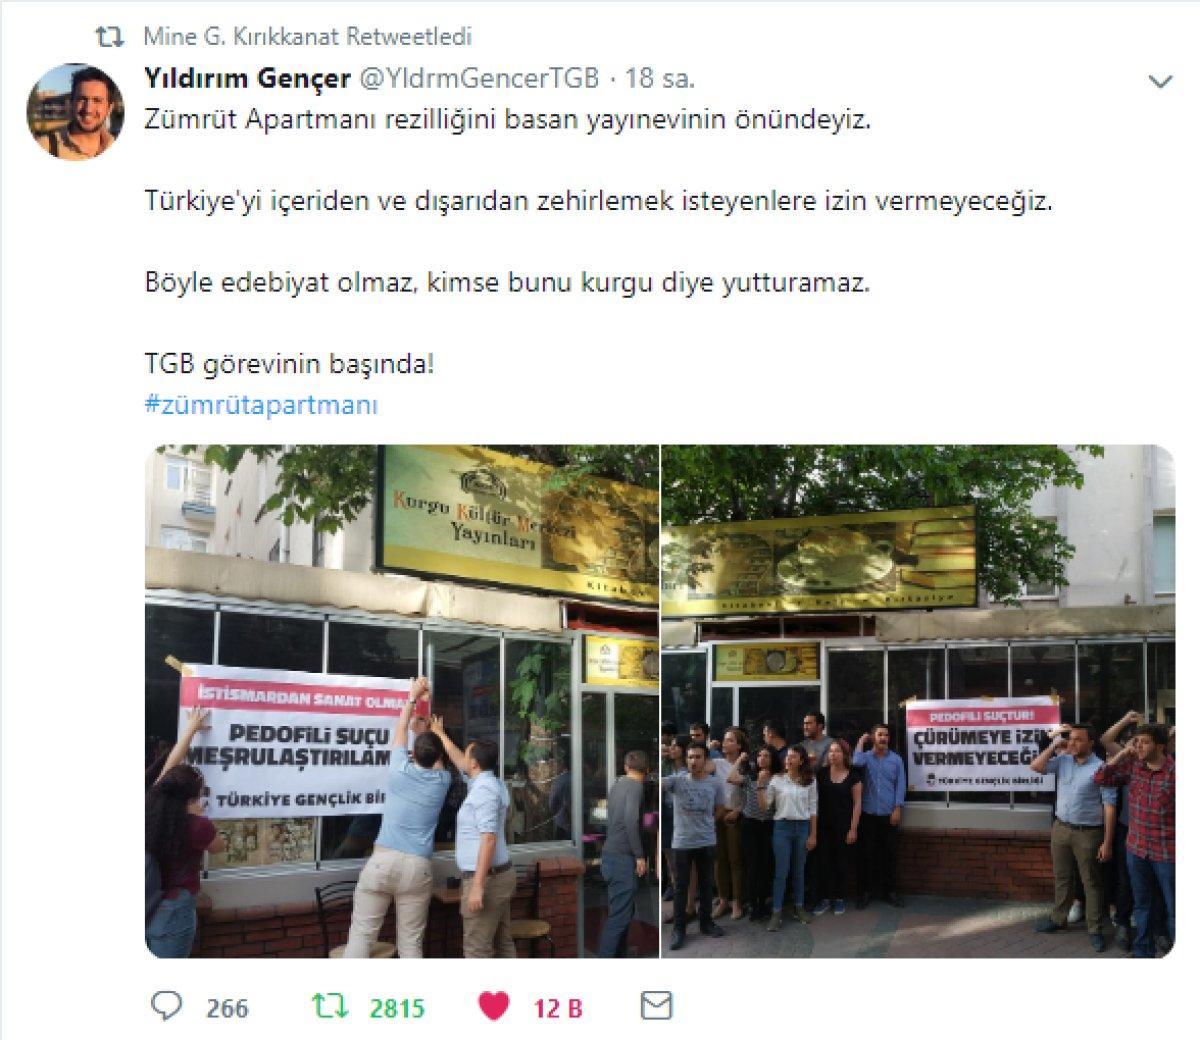 Cumhuriyet Gazetesi Yazarı Mine G. Kırıkkanat